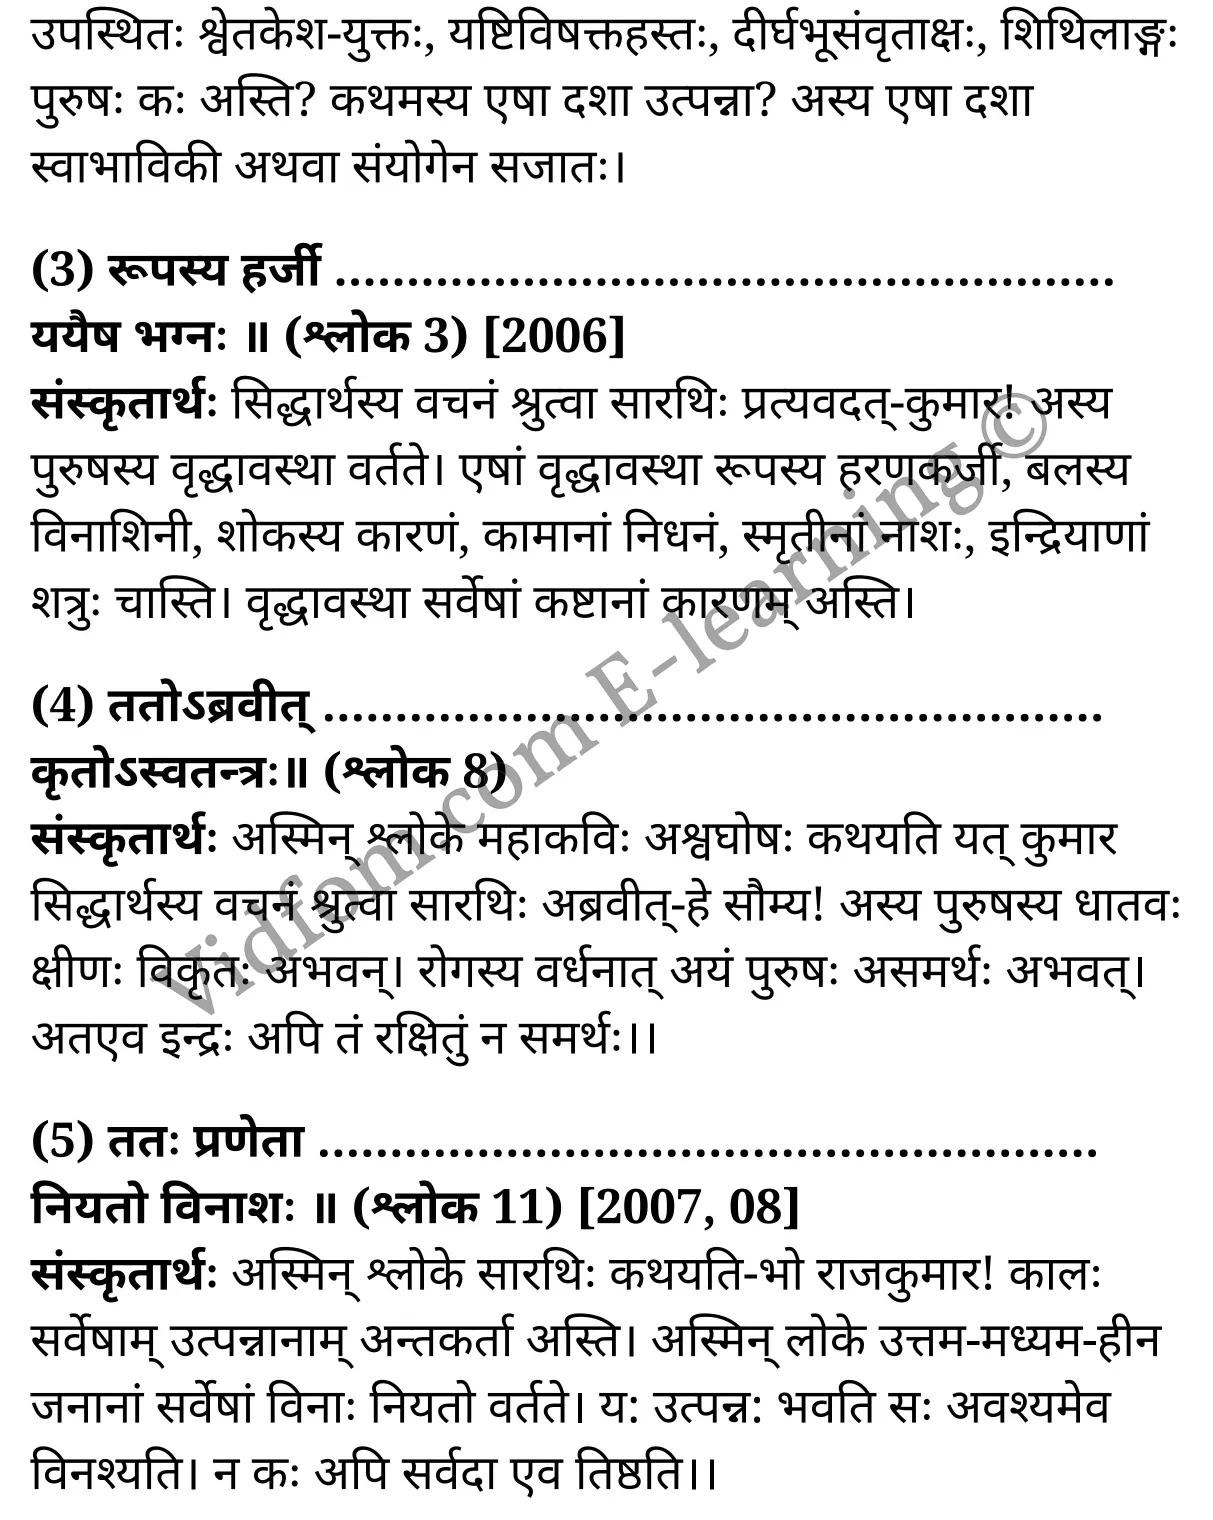 कक्षा 10 संस्कृत UP Board Solutions for Class 10 Sanskrit Chapter 8 सिद्धार्थस्य निर्वेदः (सिद्धार्थ का वैराग्य) पद्य – पीयूषम् Hindi Medium के नोट्स हिंदी में